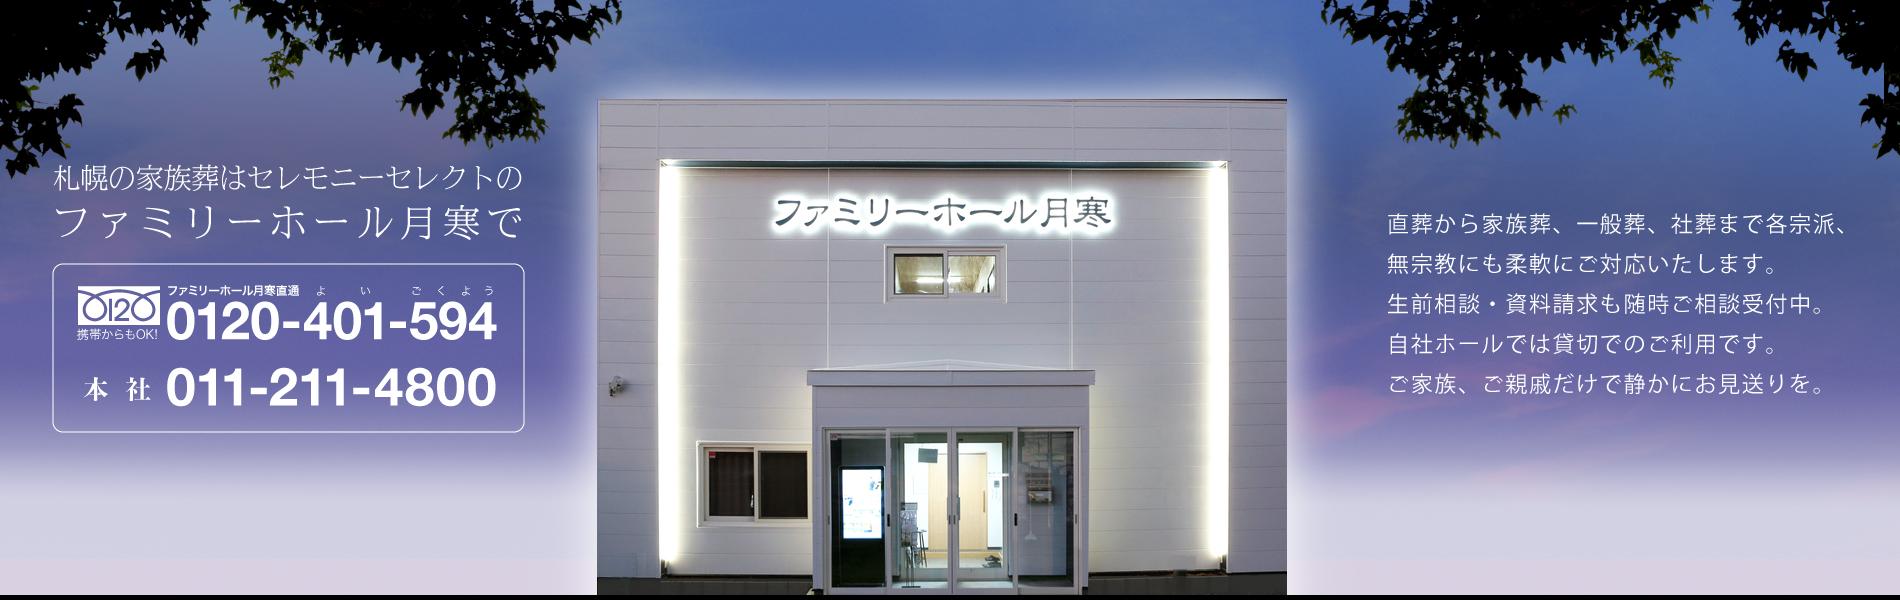 札幌の家族葬はセレモニーセレクトのファミリーホール月寒で